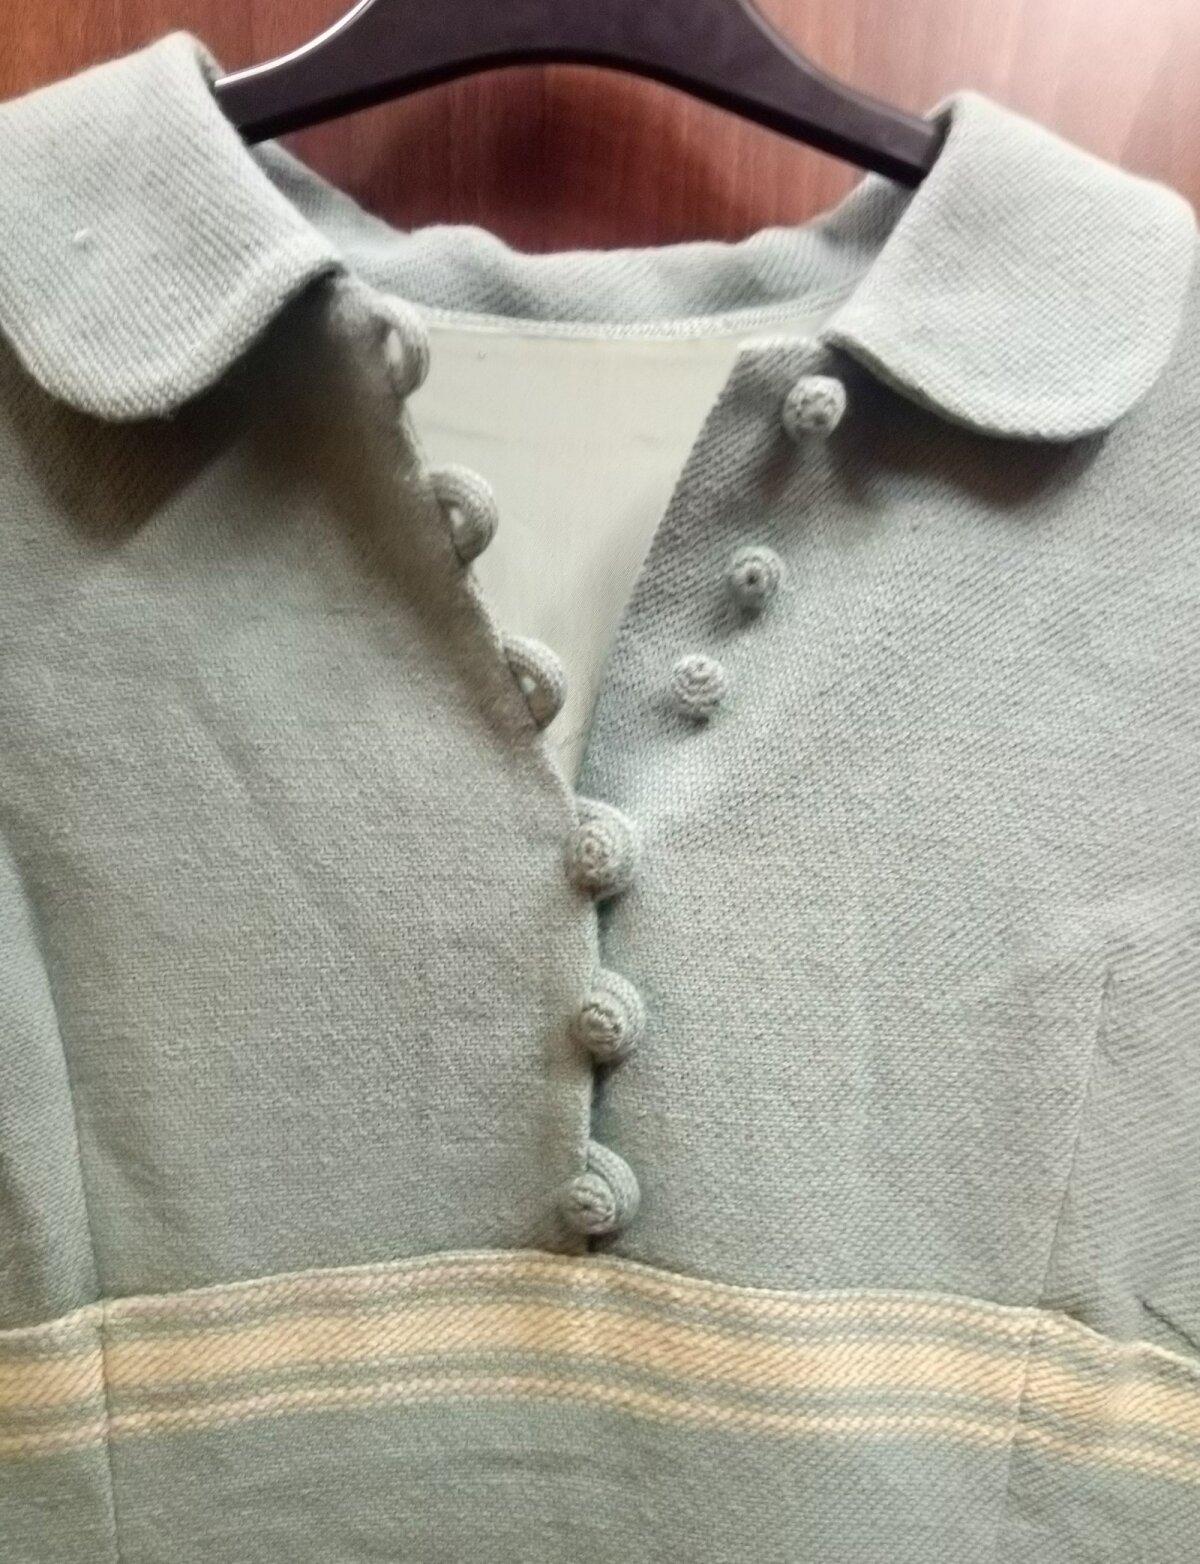 Kui kleidile on tarvis sobilikku nööpi, aga ei leia, tuleb see ise teha. Valige sobiva kuju ning suurusega nööp ja heegeldage üle.